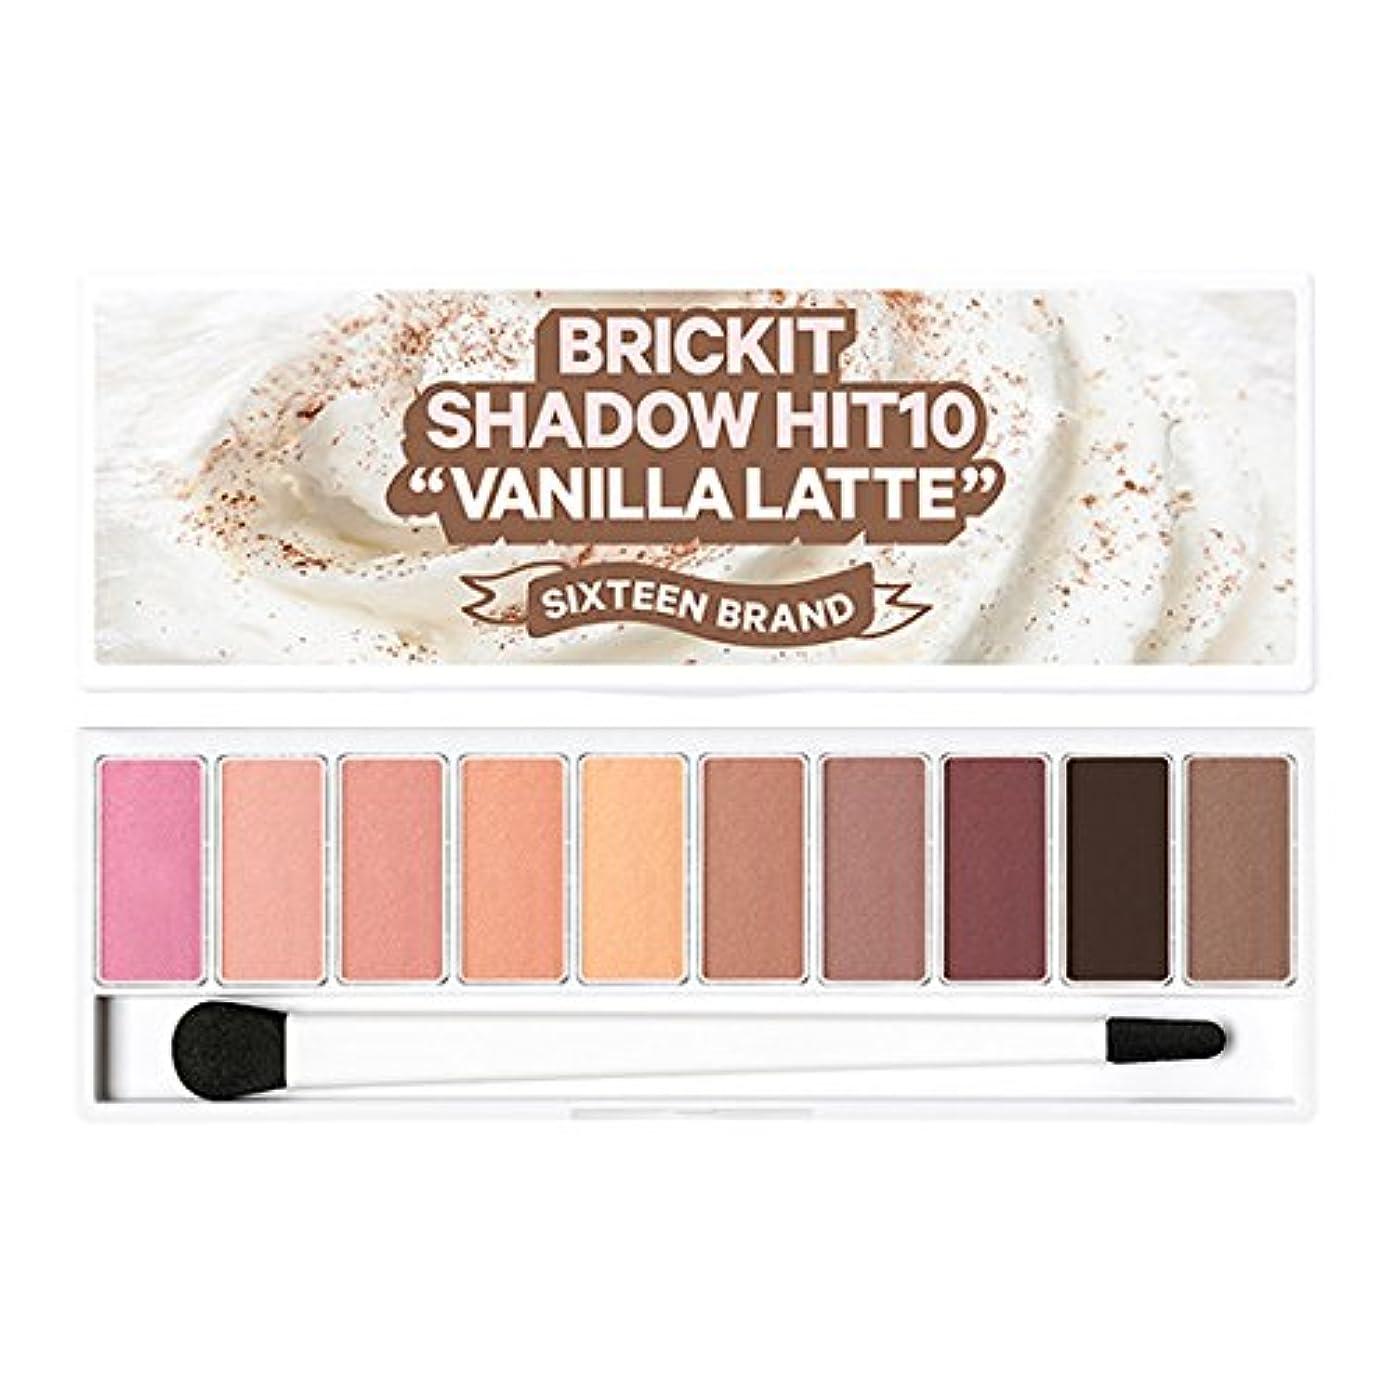 満足できる受粉するジョブ16brand Sixteen Brickit Shadow Hit 10 Vanilla Latte 10g/16ブランド シックスティーン ブリックキット シャドウ ヒット 10 バニララテ 10g [並行輸入品]